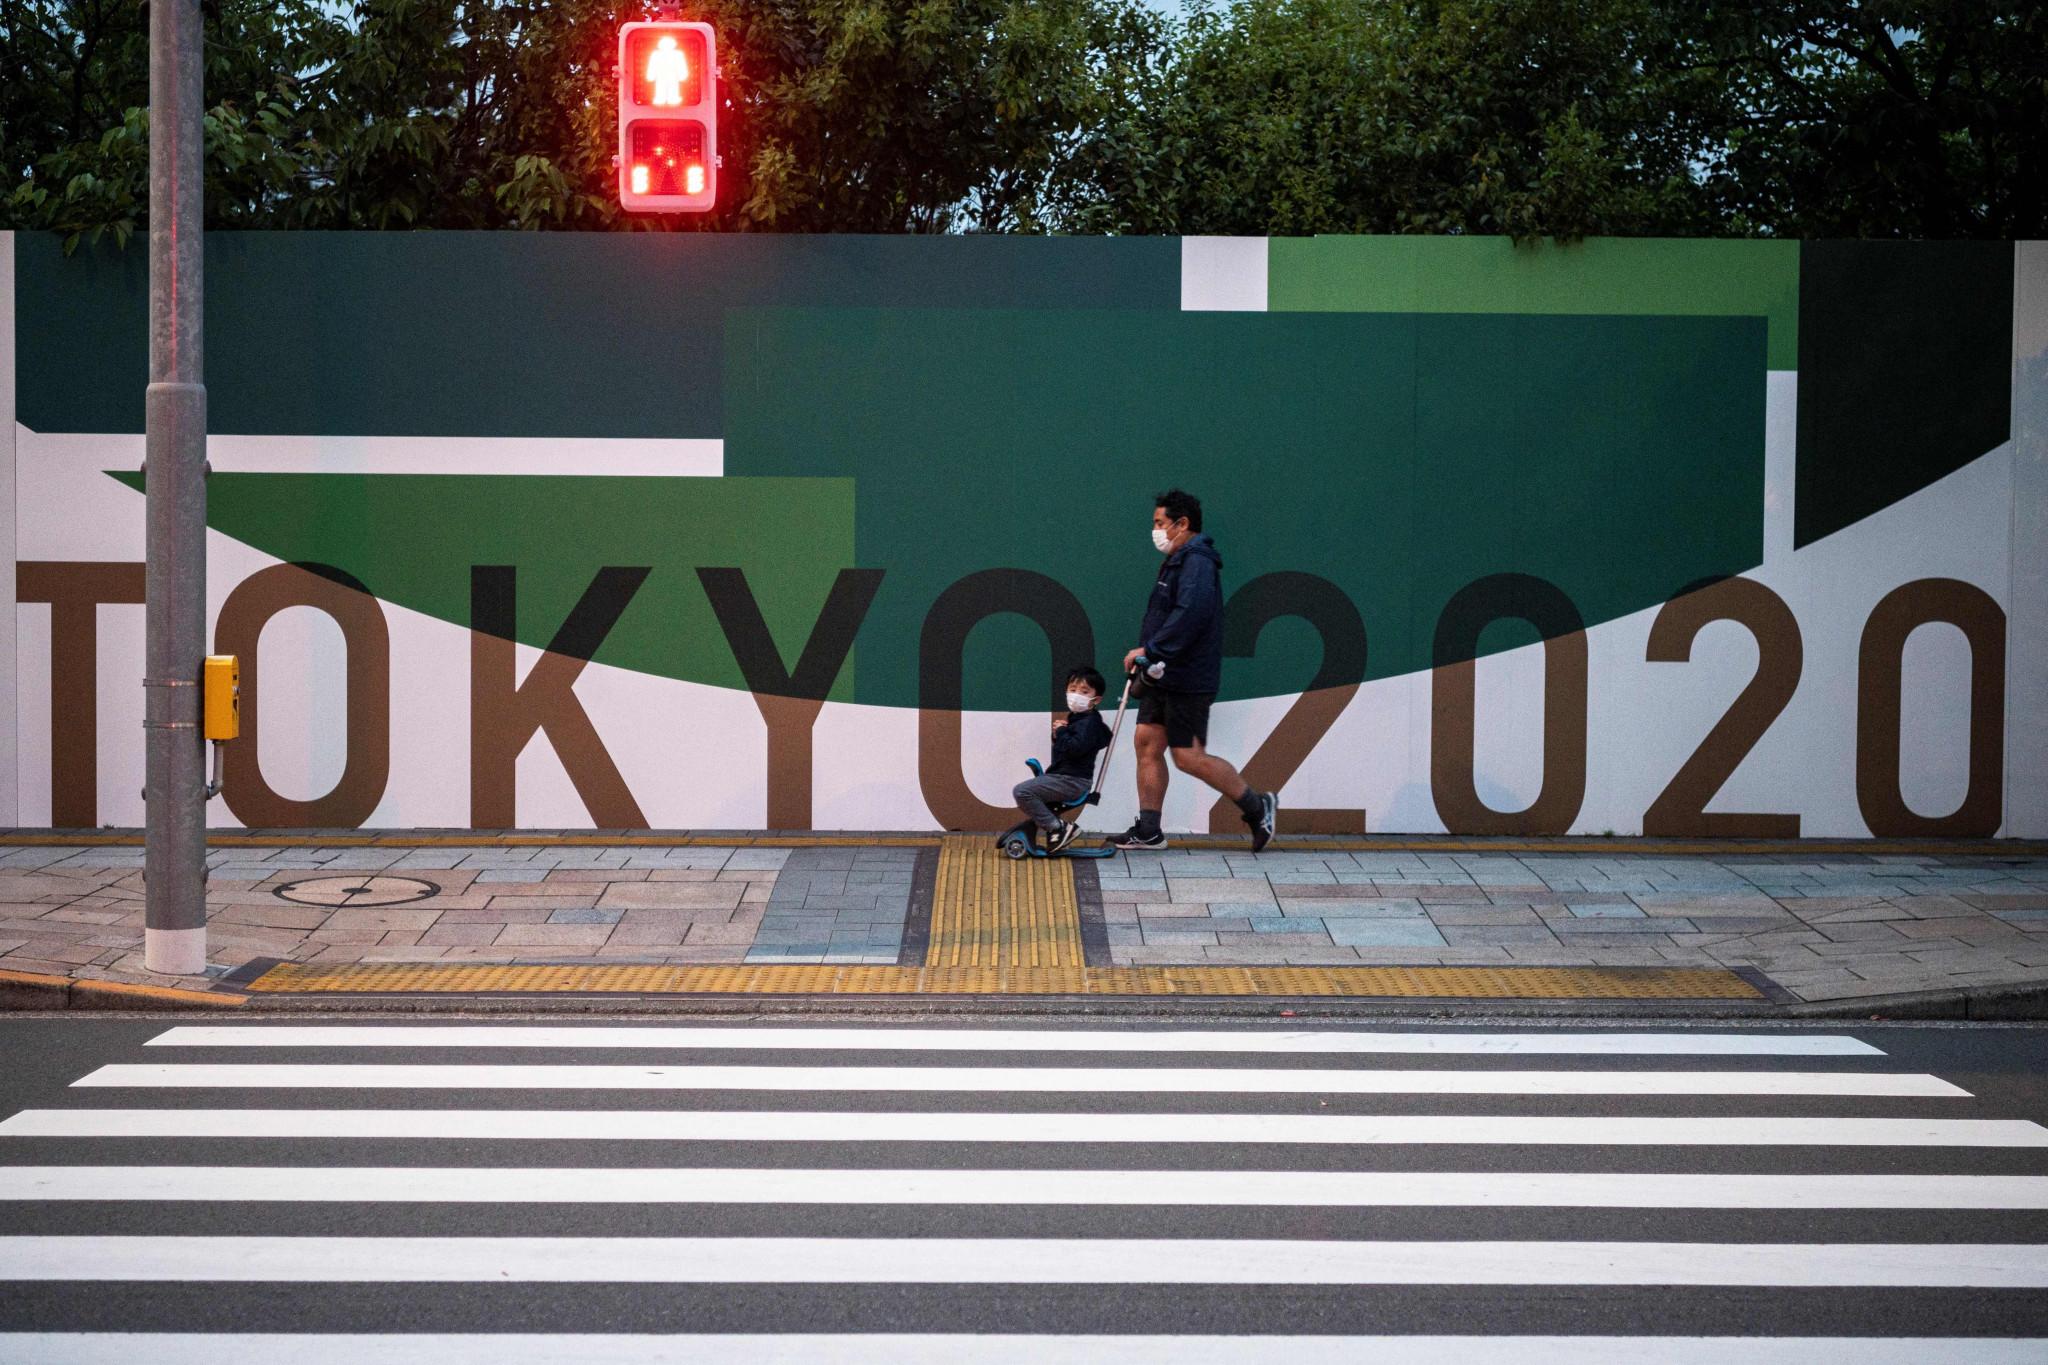 COI ofrecerá vacunas para 20.000 personas que trabajen en Tokio 2020